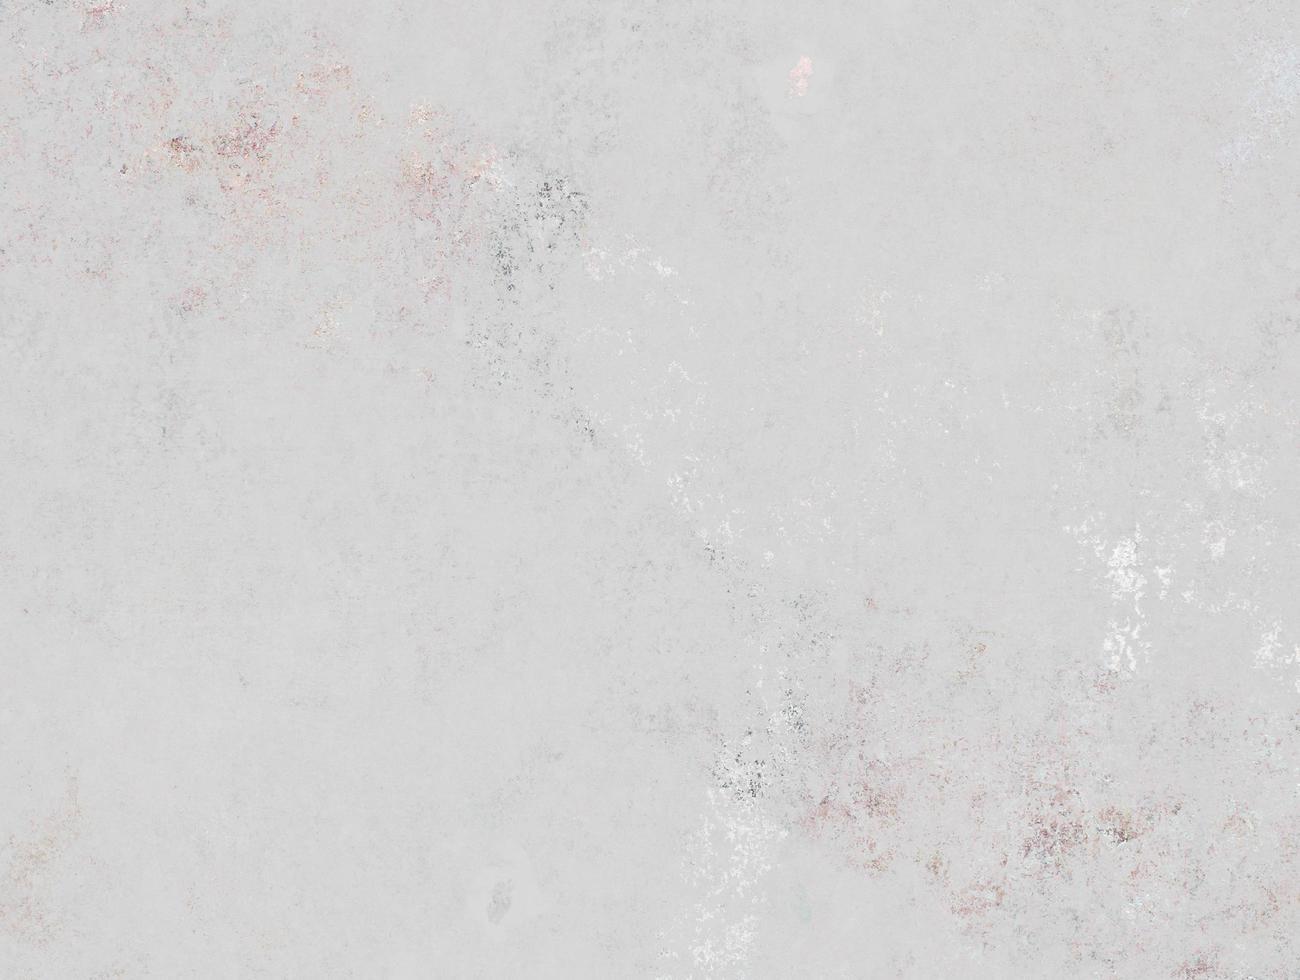 abstracte betonnen muur textuur foto